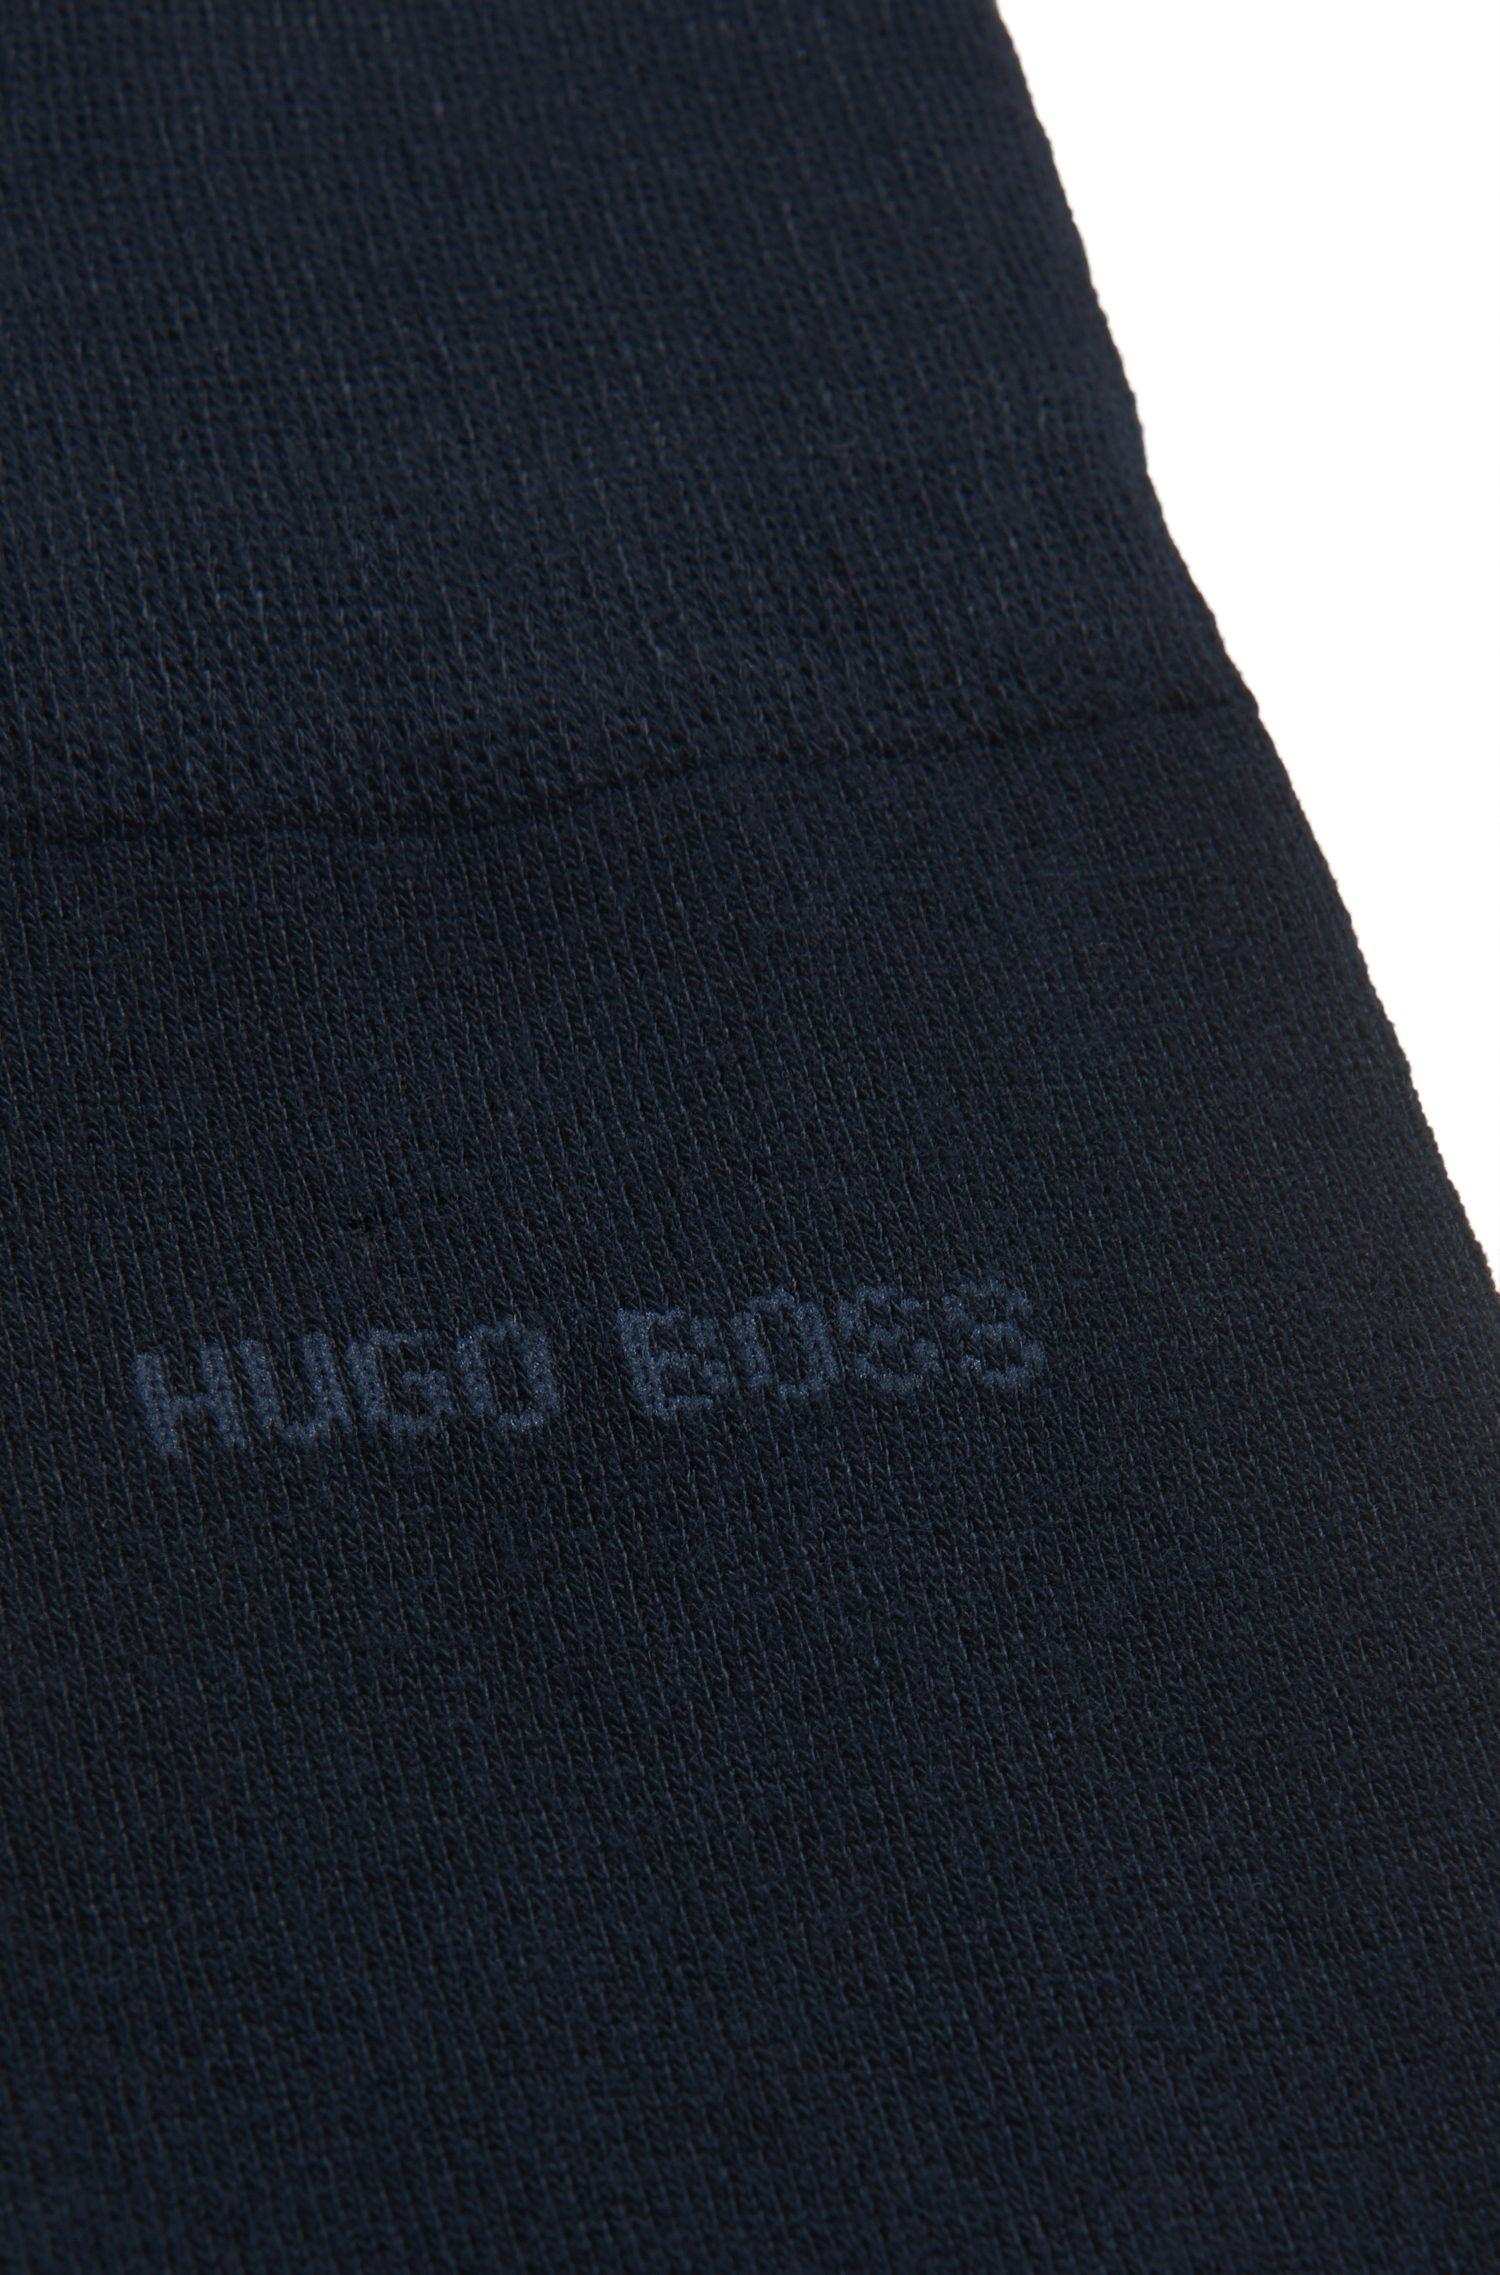 Socken aus hautfreundlichem Material-Mix mit Bambus-Gewebe